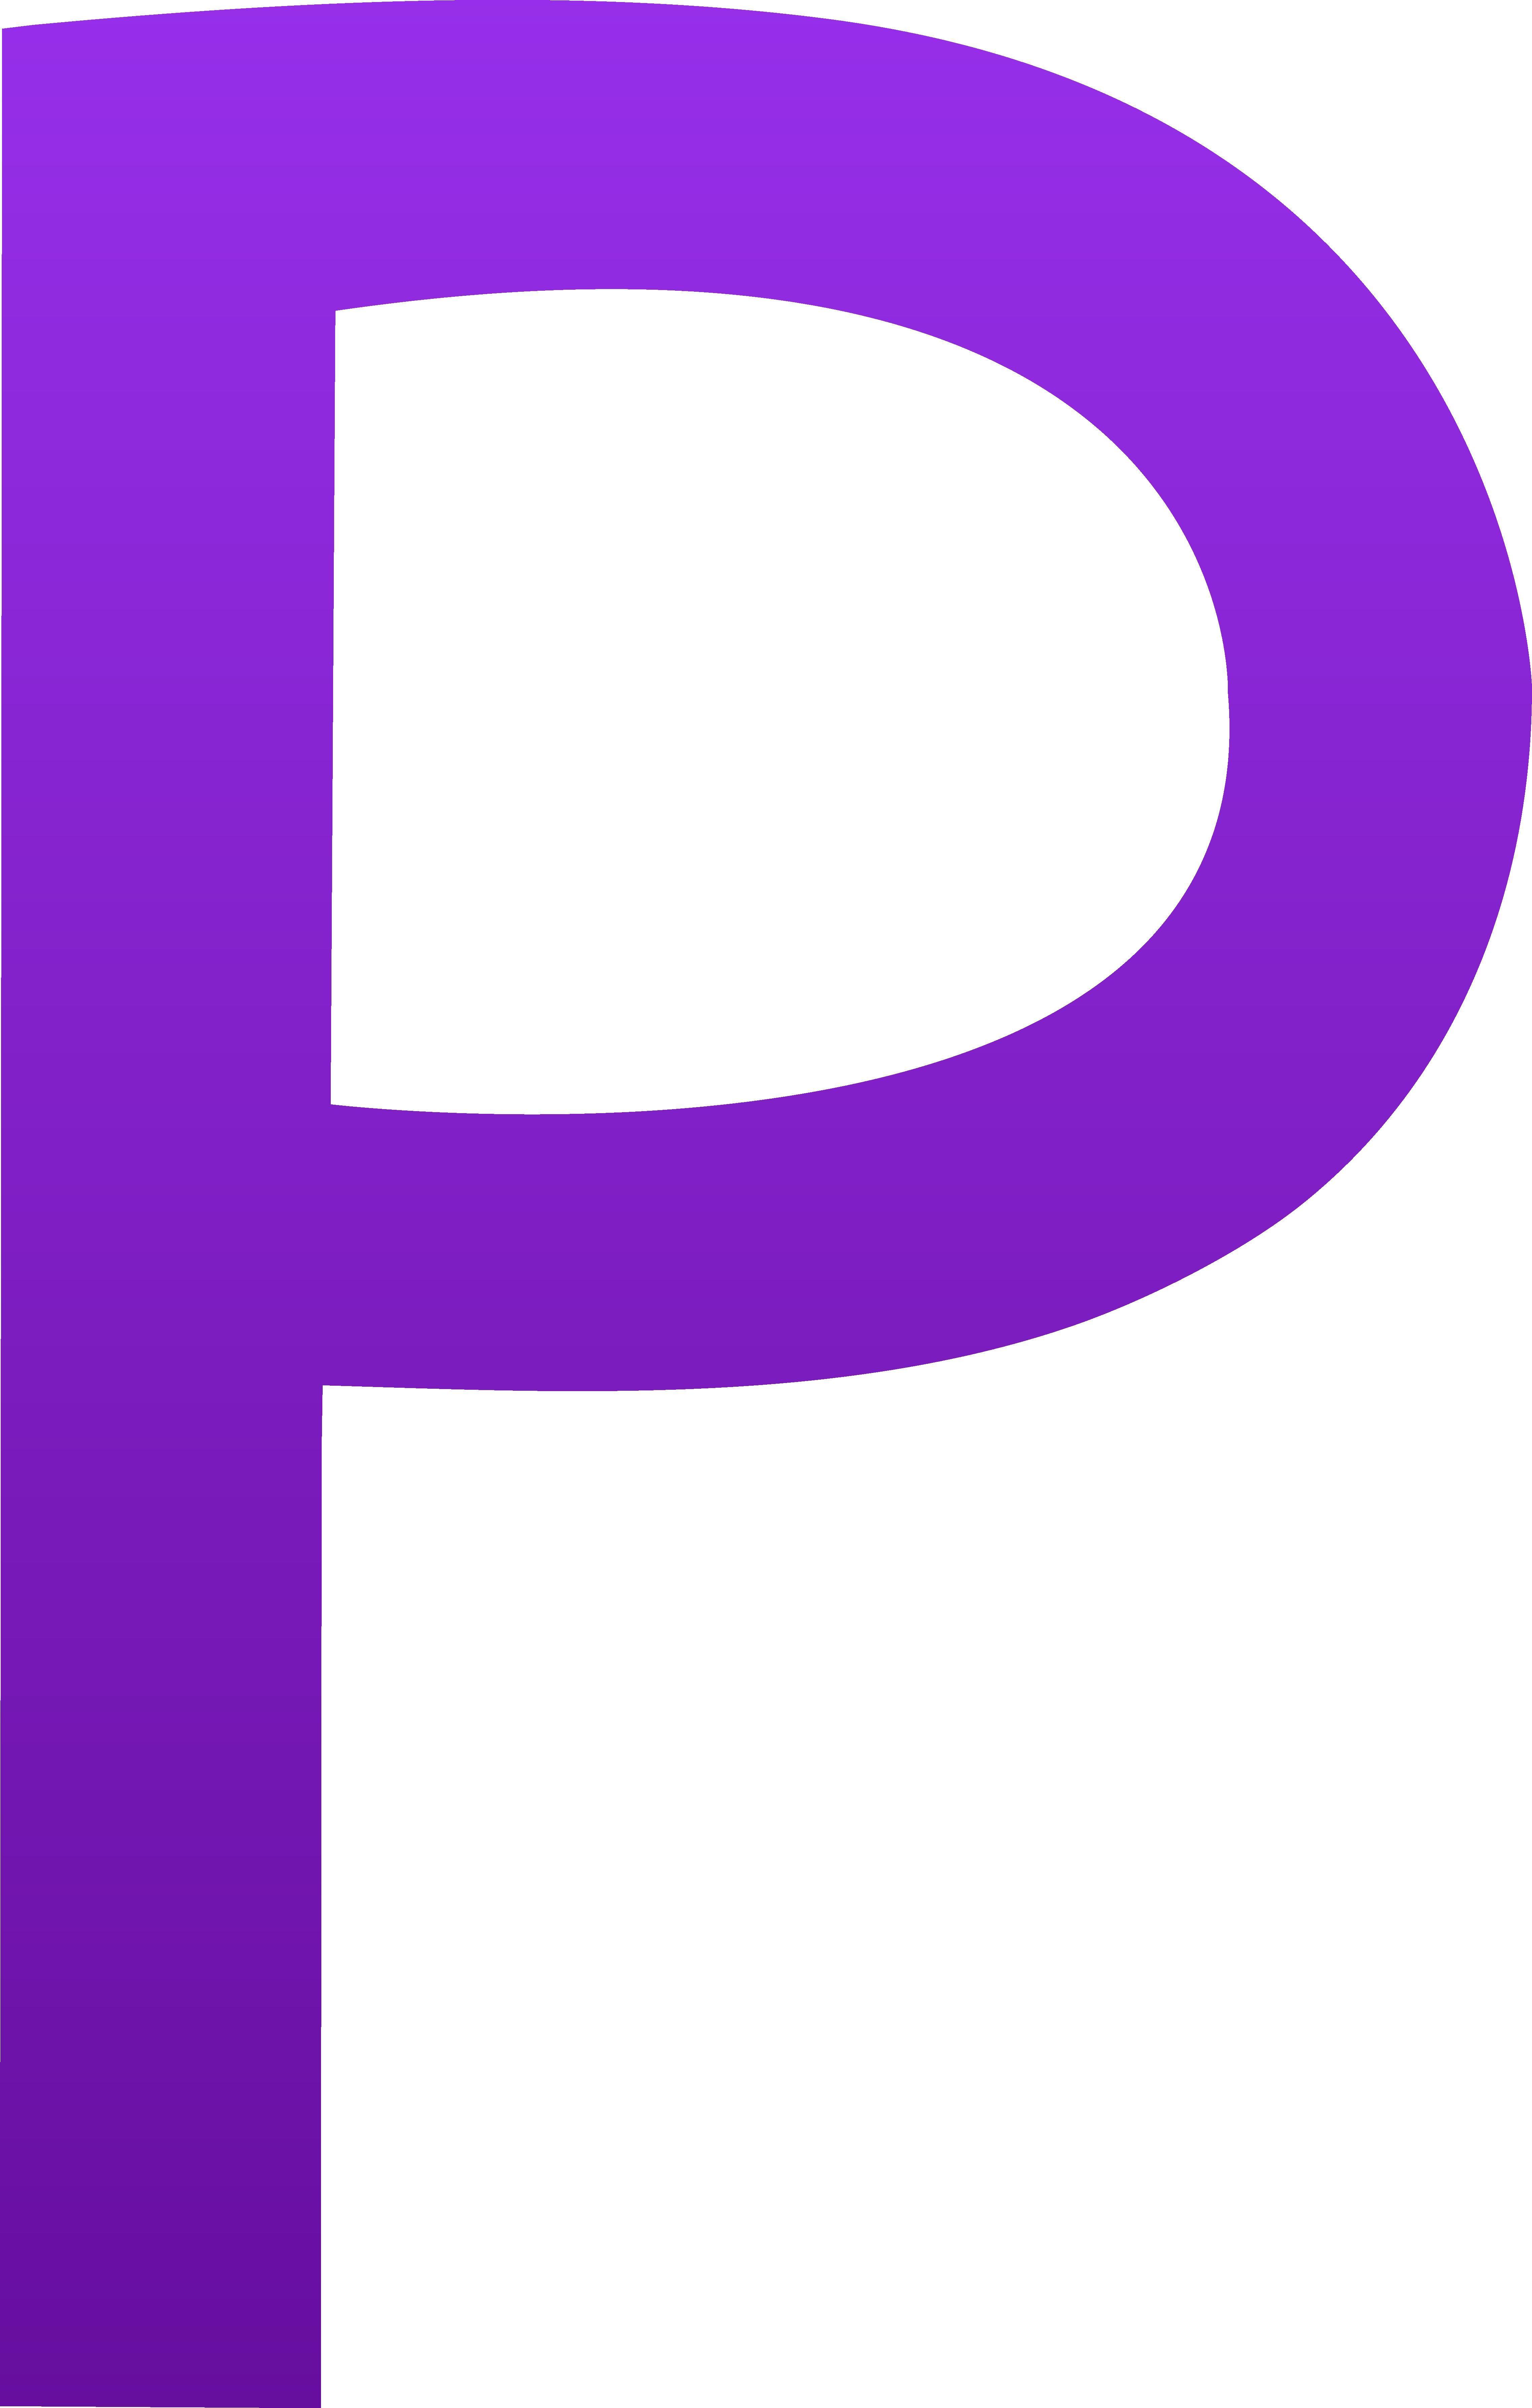 p clipart